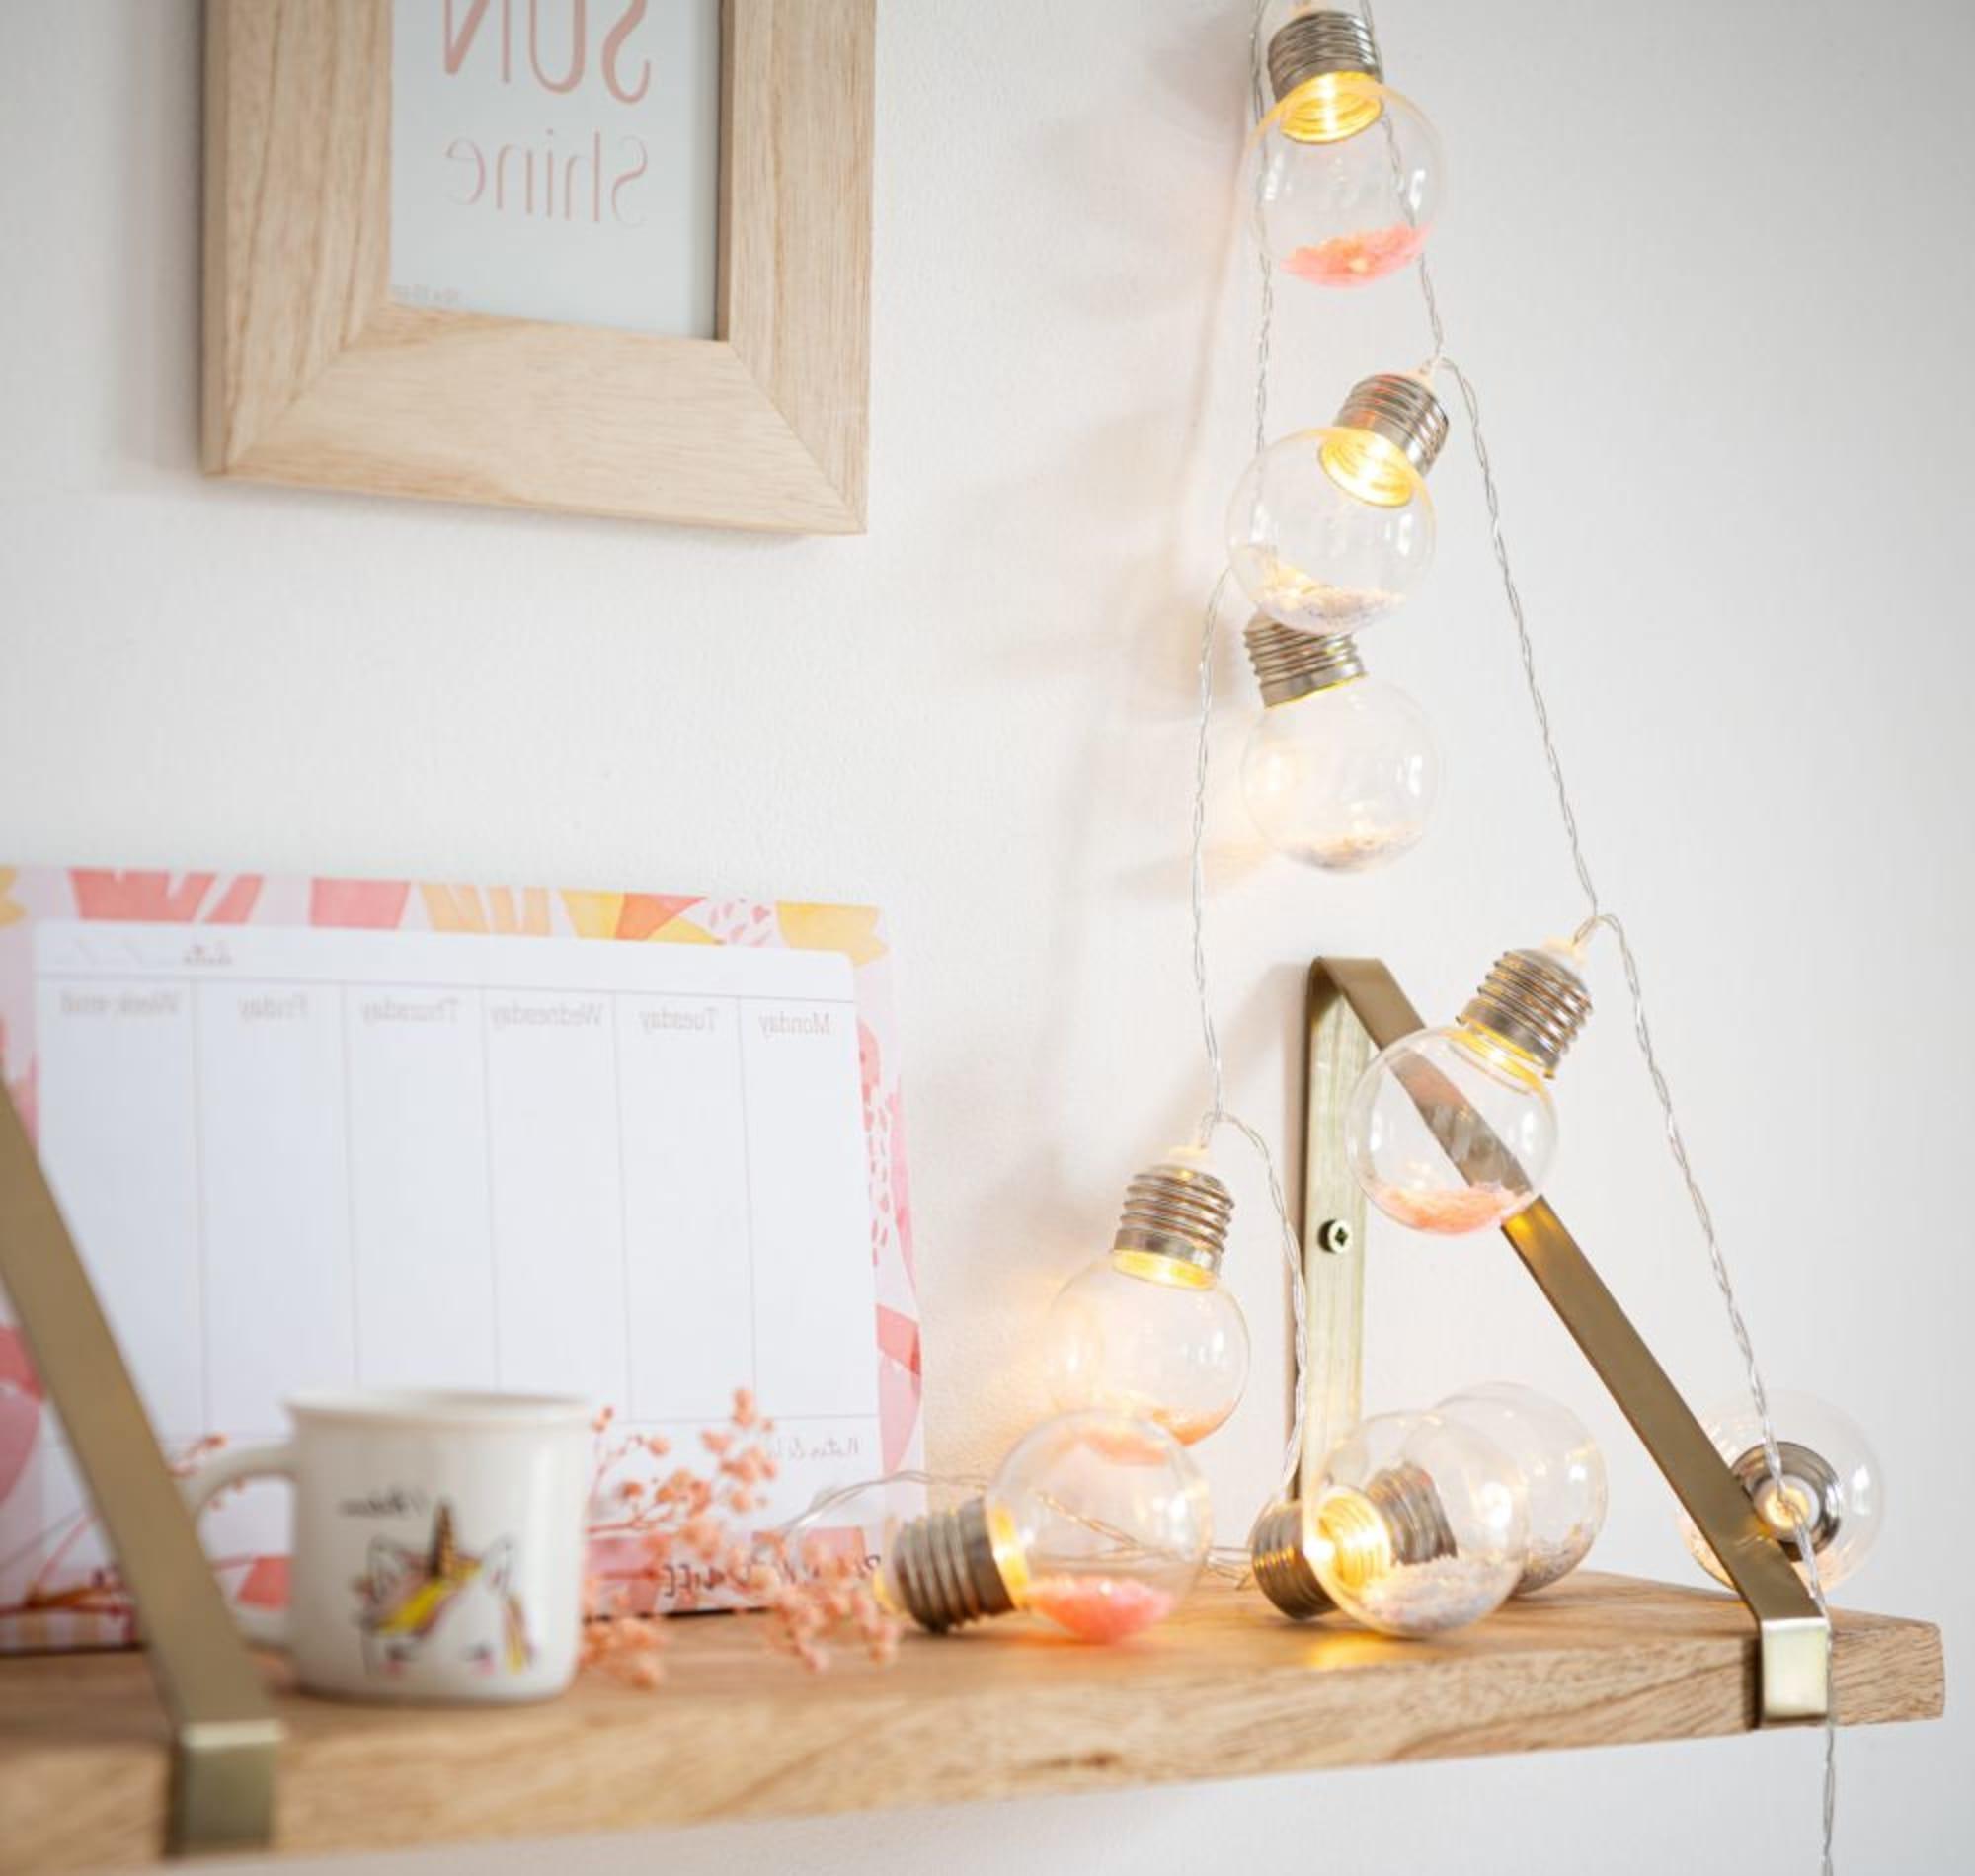 Luminaire Maison du monde - Guirlande lumineuse 10 LED ampoules roses et blanches L165